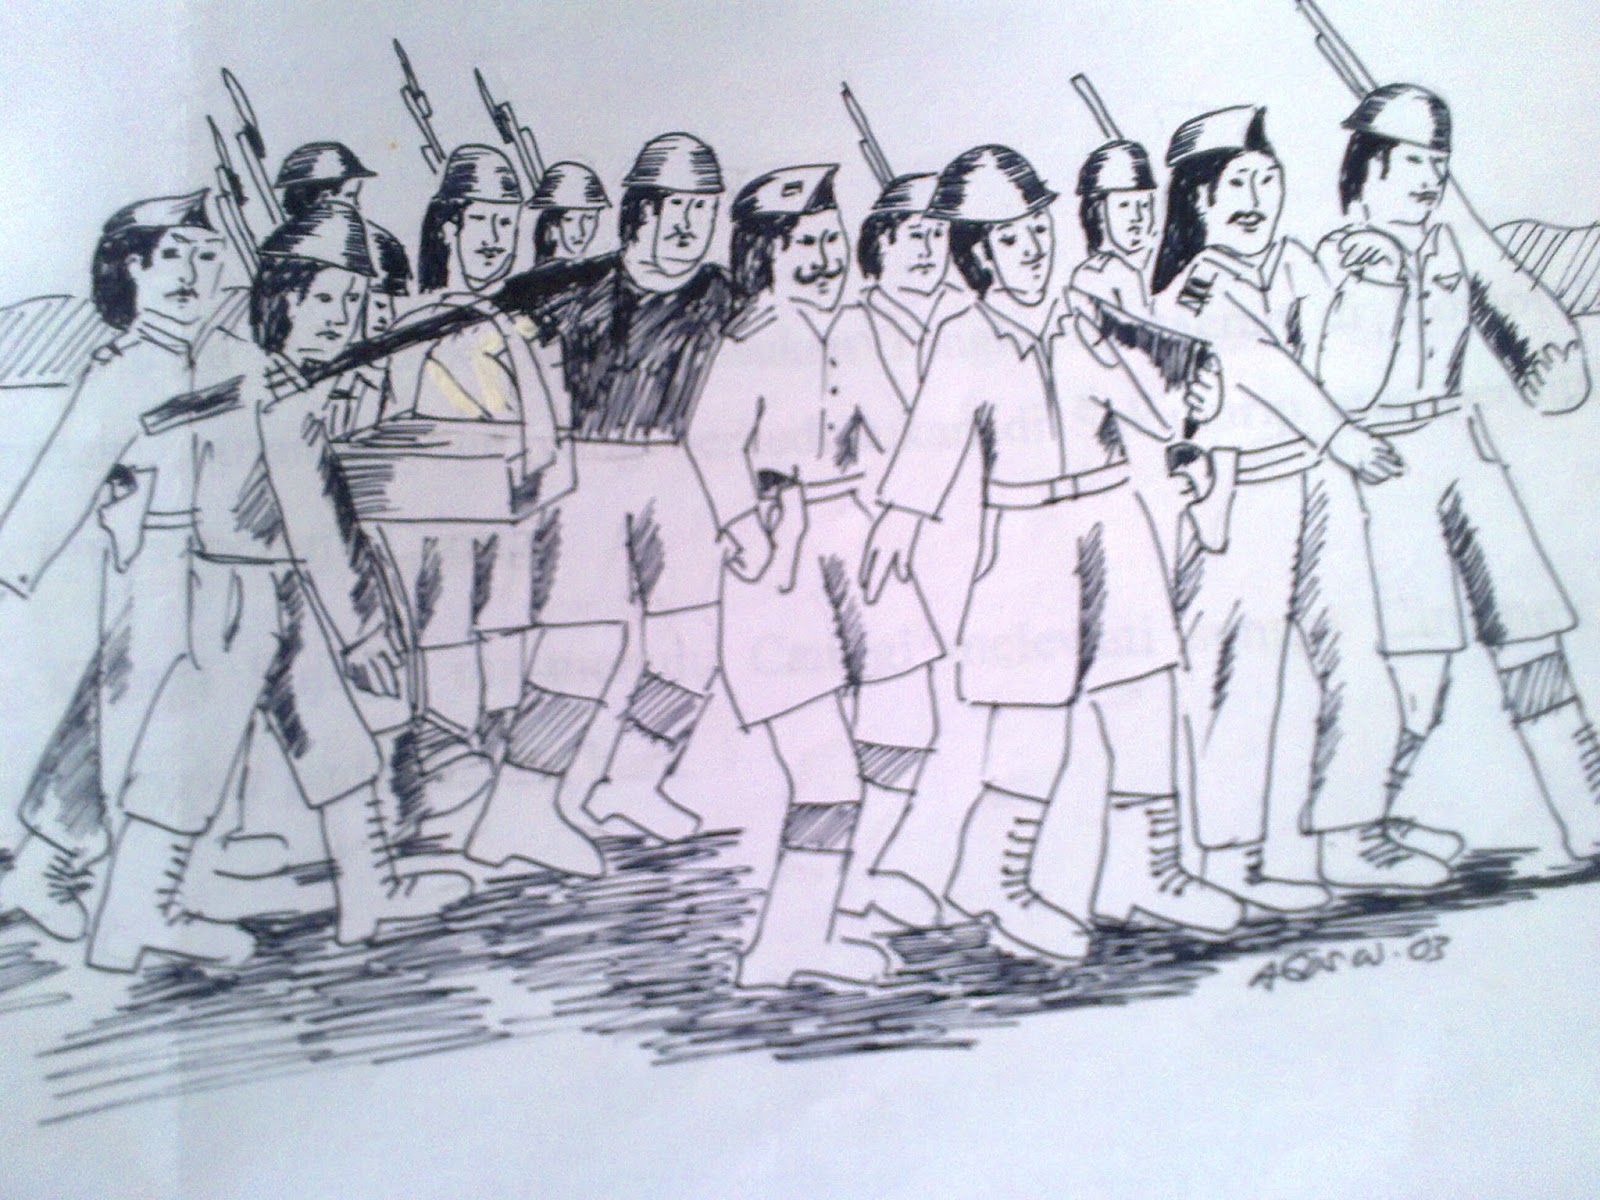 sambut hari Pahlawan 2015ï ¿ Sketsa Perjuangan Tentara Republik Indonesia 1945 karya rg bagus warsono